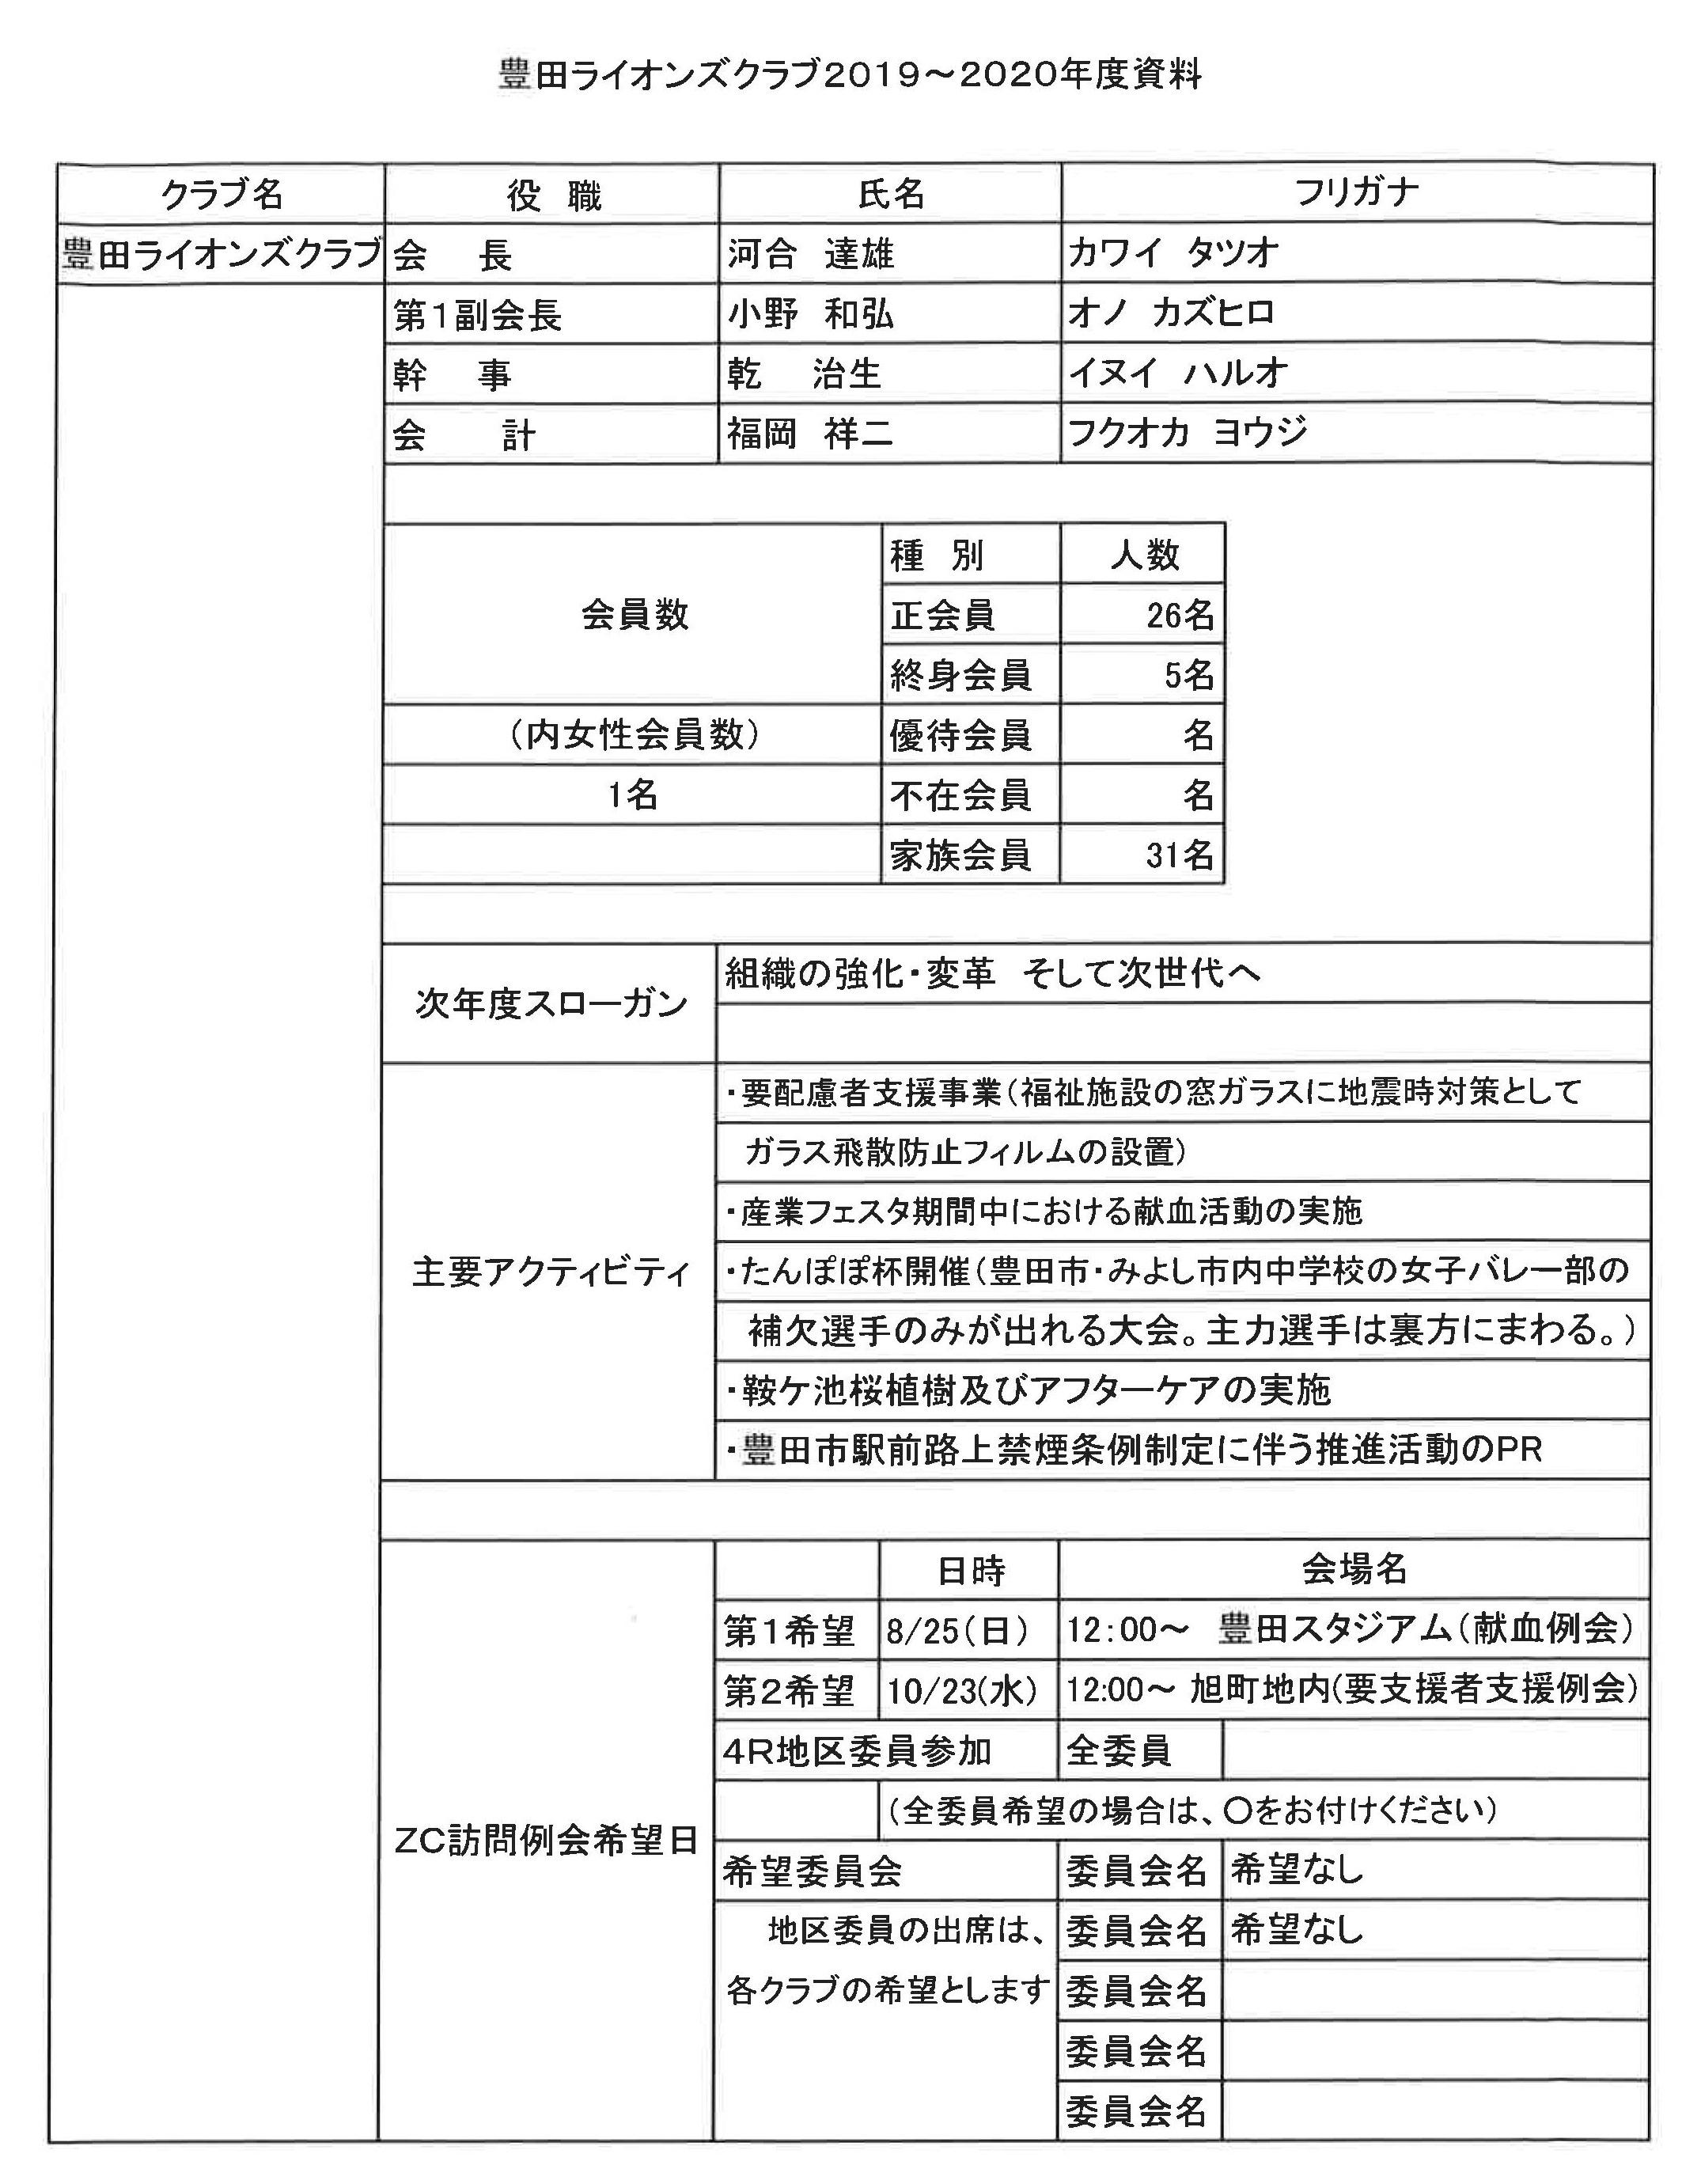 21準備ゾーン会議 豊田LC今年度資料1